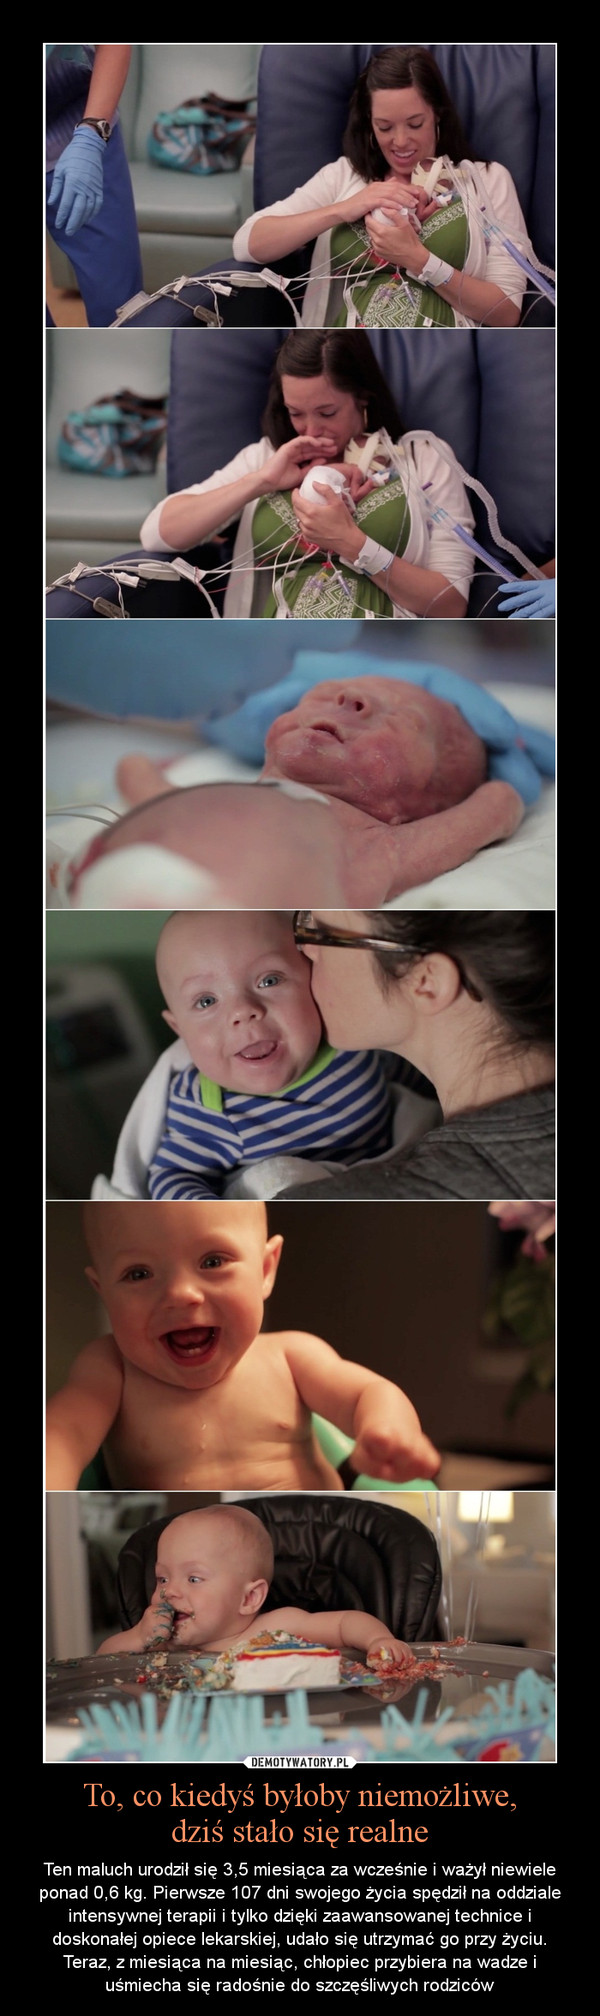 To, co kiedyś byłoby niemożliwe,dziś stało się realne – Ten maluch urodził się 3,5 miesiąca za wcześnie i ważył niewiele ponad 0,6 kg. Pierwsze 107 dni swojego życia spędził na oddziale intensywnej terapii i tylko dzięki zaawansowanej technice i doskonałej opiece lekarskiej, udało się utrzymać go przy życiu. Teraz, z miesiąca na miesiąc, chłopiec przybiera na wadze i uśmiecha się radośnie do szczęśliwych rodziców